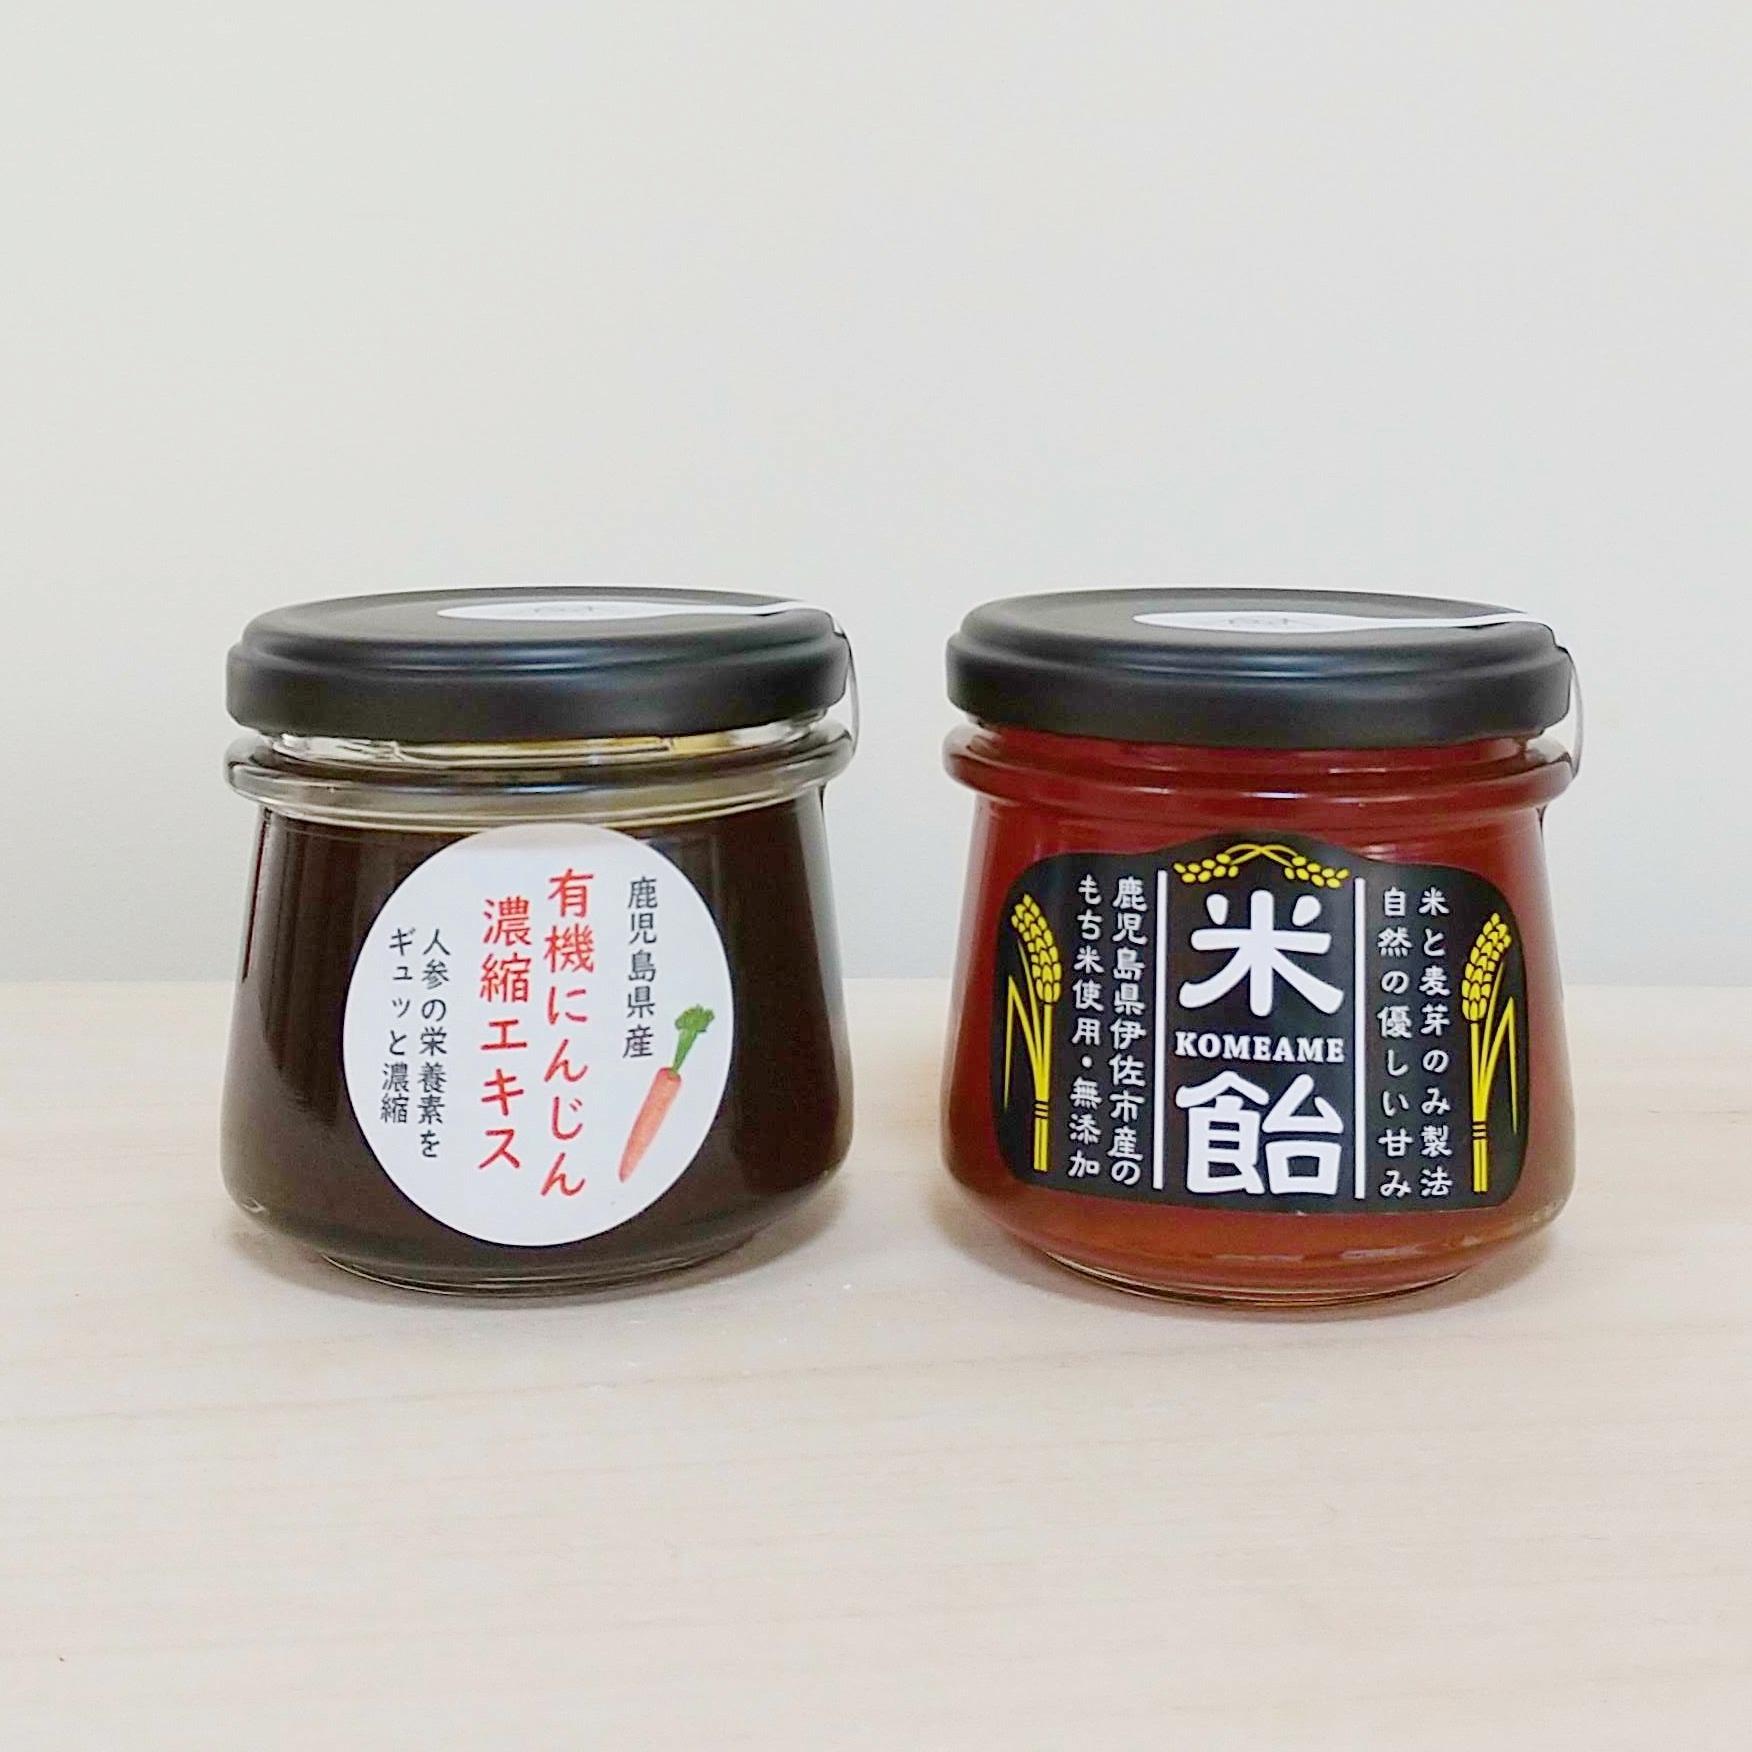 米飴と有機にんじん濃縮エキスのセット【送料込み】